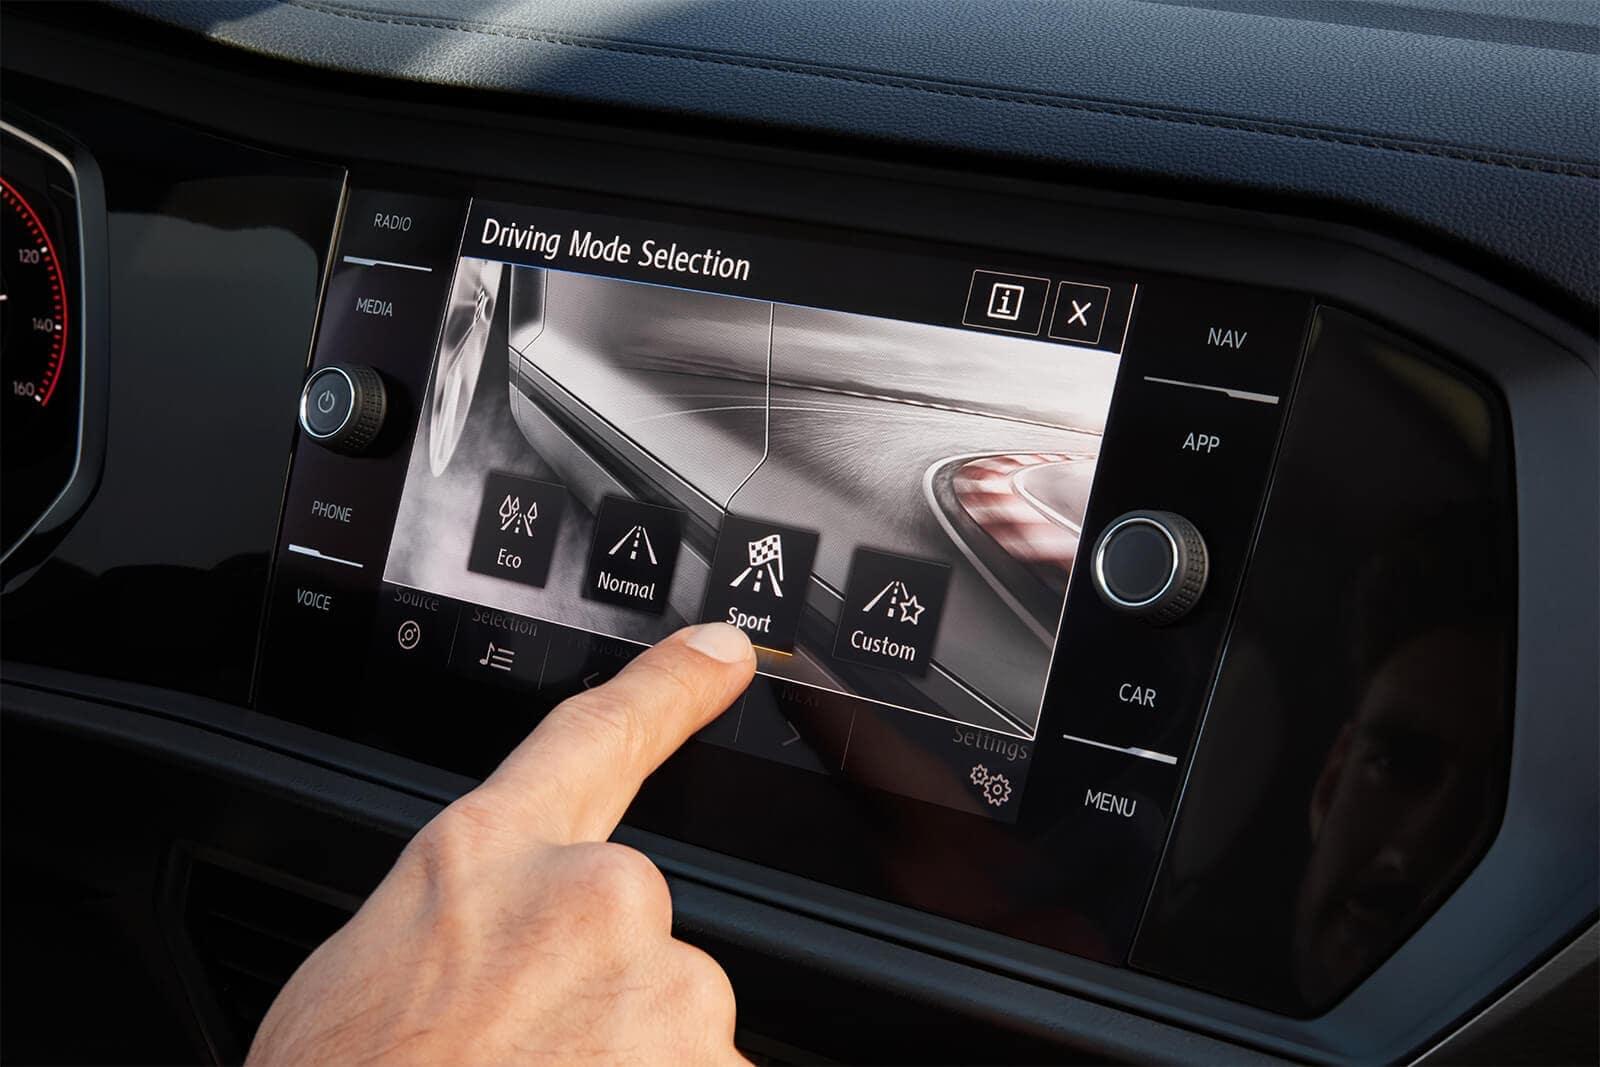 2019 Volkswagen Jetta Driving Mode Selection Display